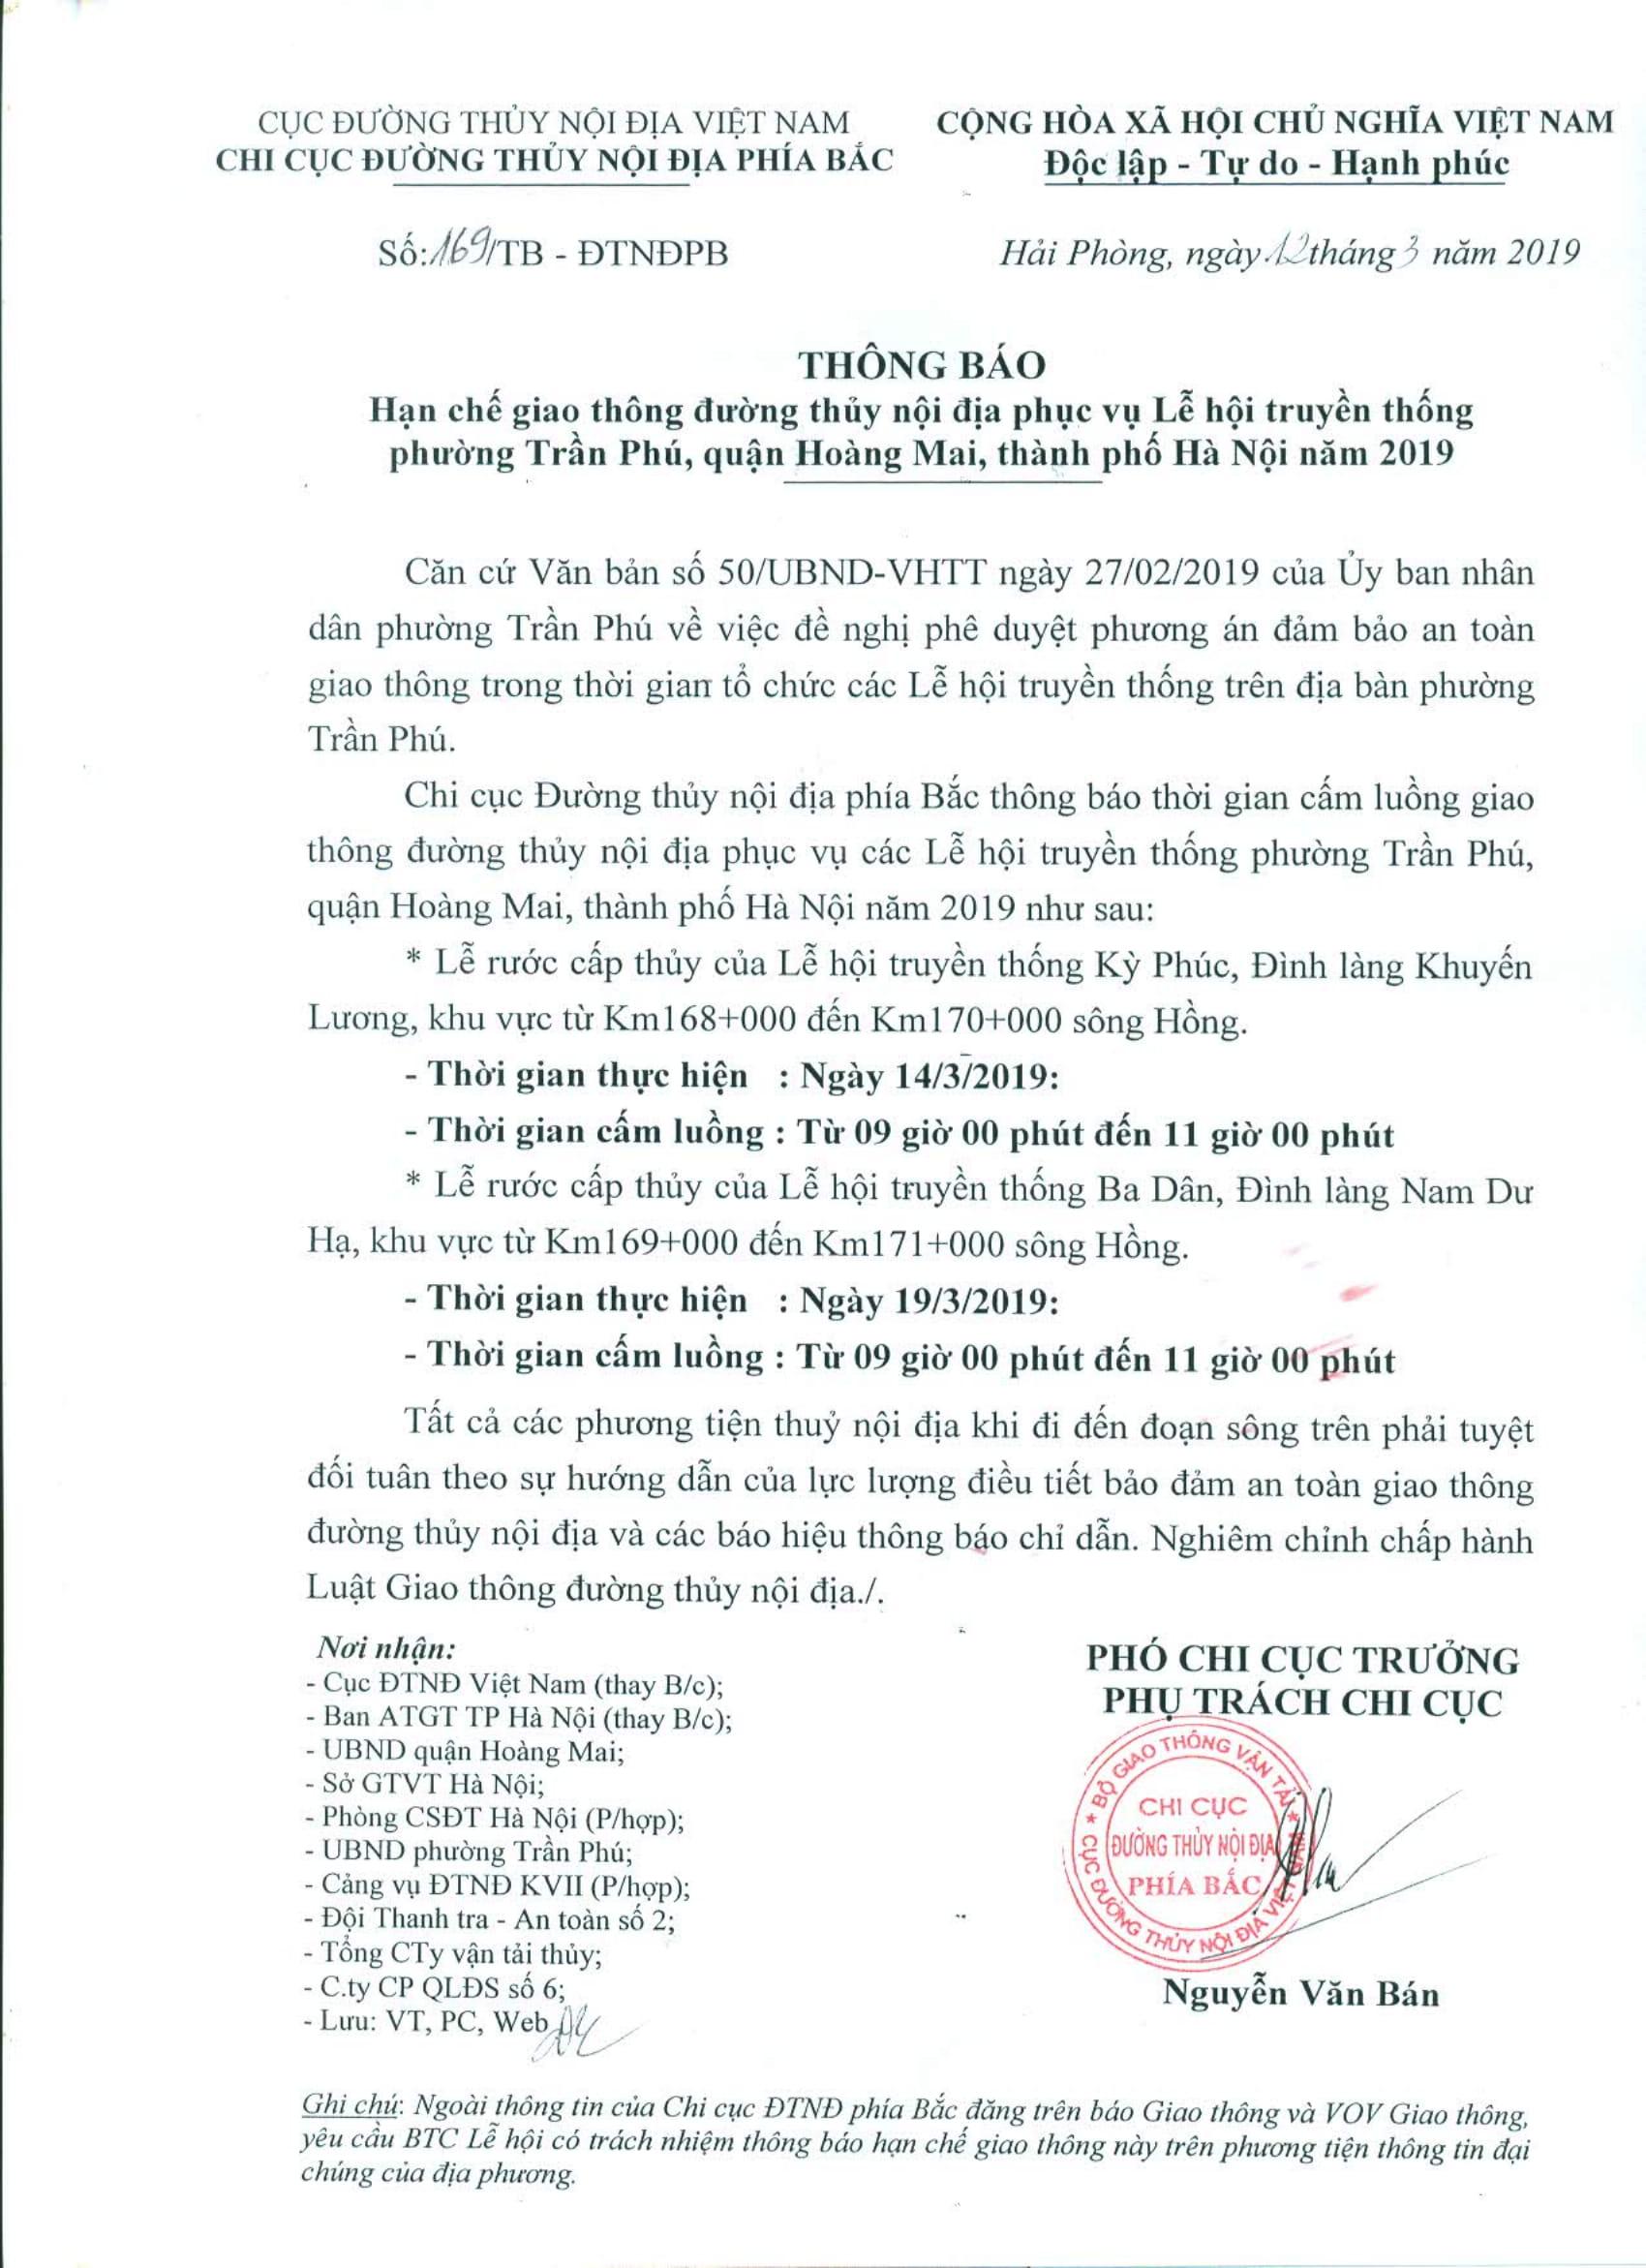 Thông báo HCGT ĐTNĐ sông Hồng, KV km 168+000 đến km 170+000  (ngày 14/3/2019) và KV km 169+000 đến km 171+000 (ngày 19/4/2019), phục vụ lế hội truyền thống phường Trần Phú, quận Hoàng Mai, TP Hà Nội